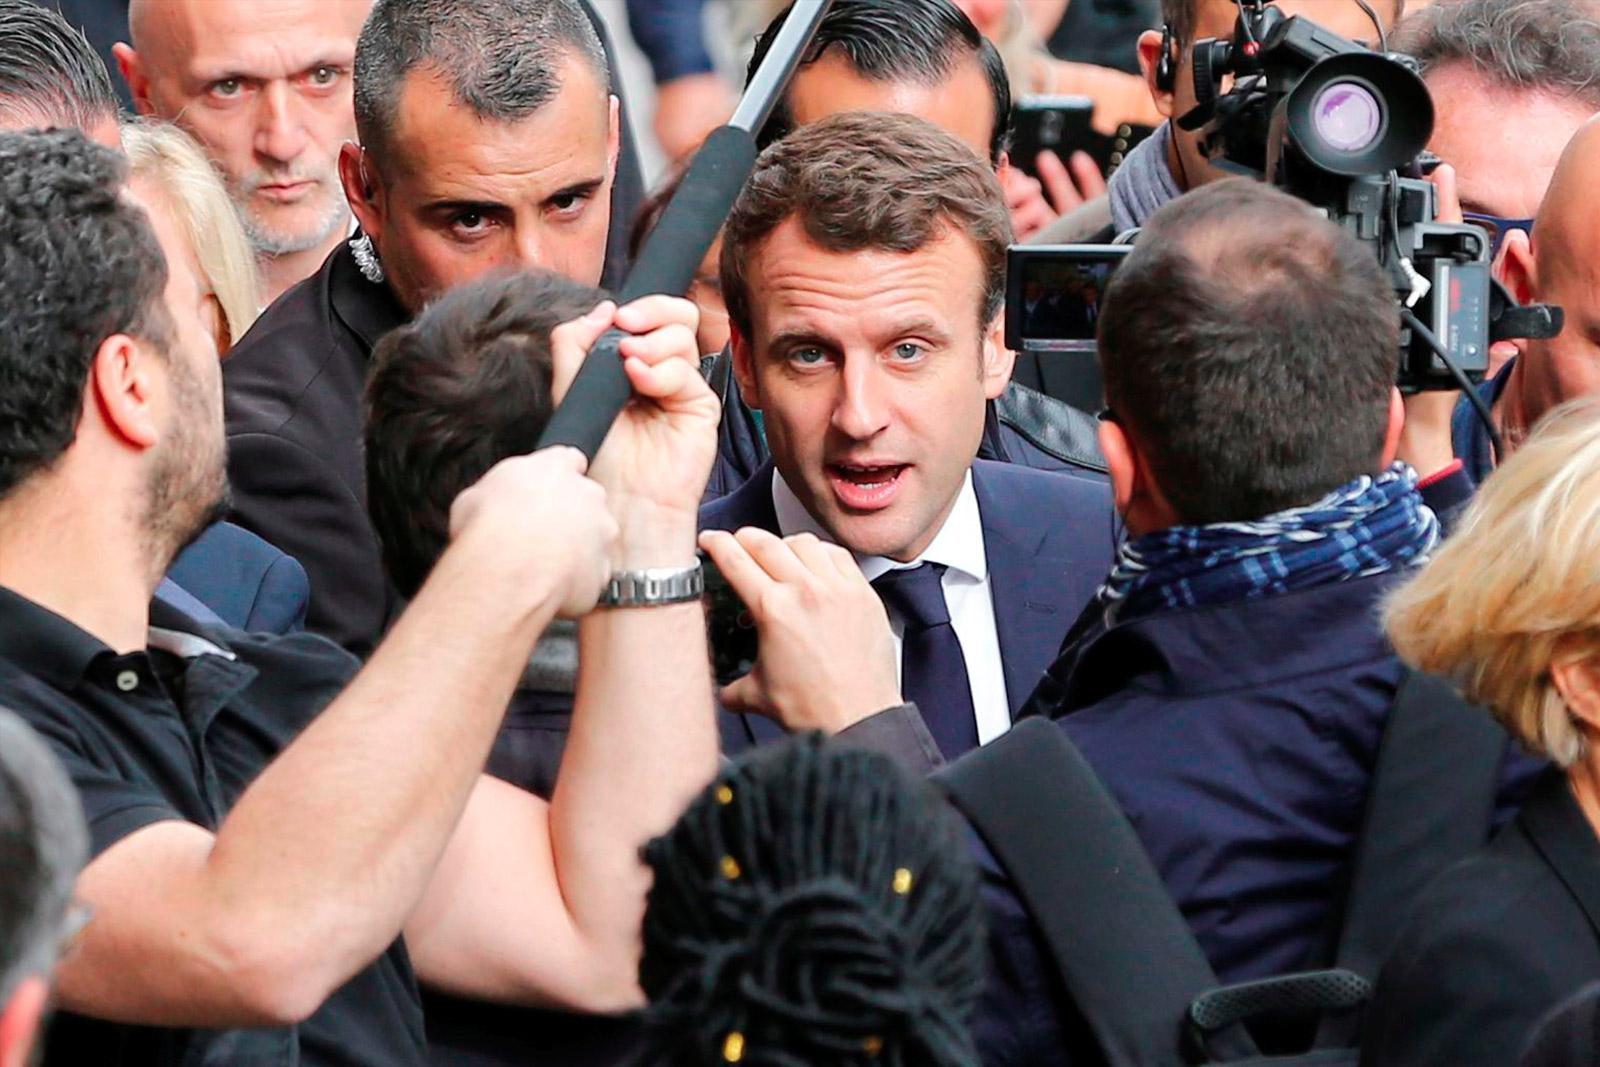 Кампания кандидата в президенты Франции Эммануэля Макрона была обнародована со всеми личными письмами и другими документами